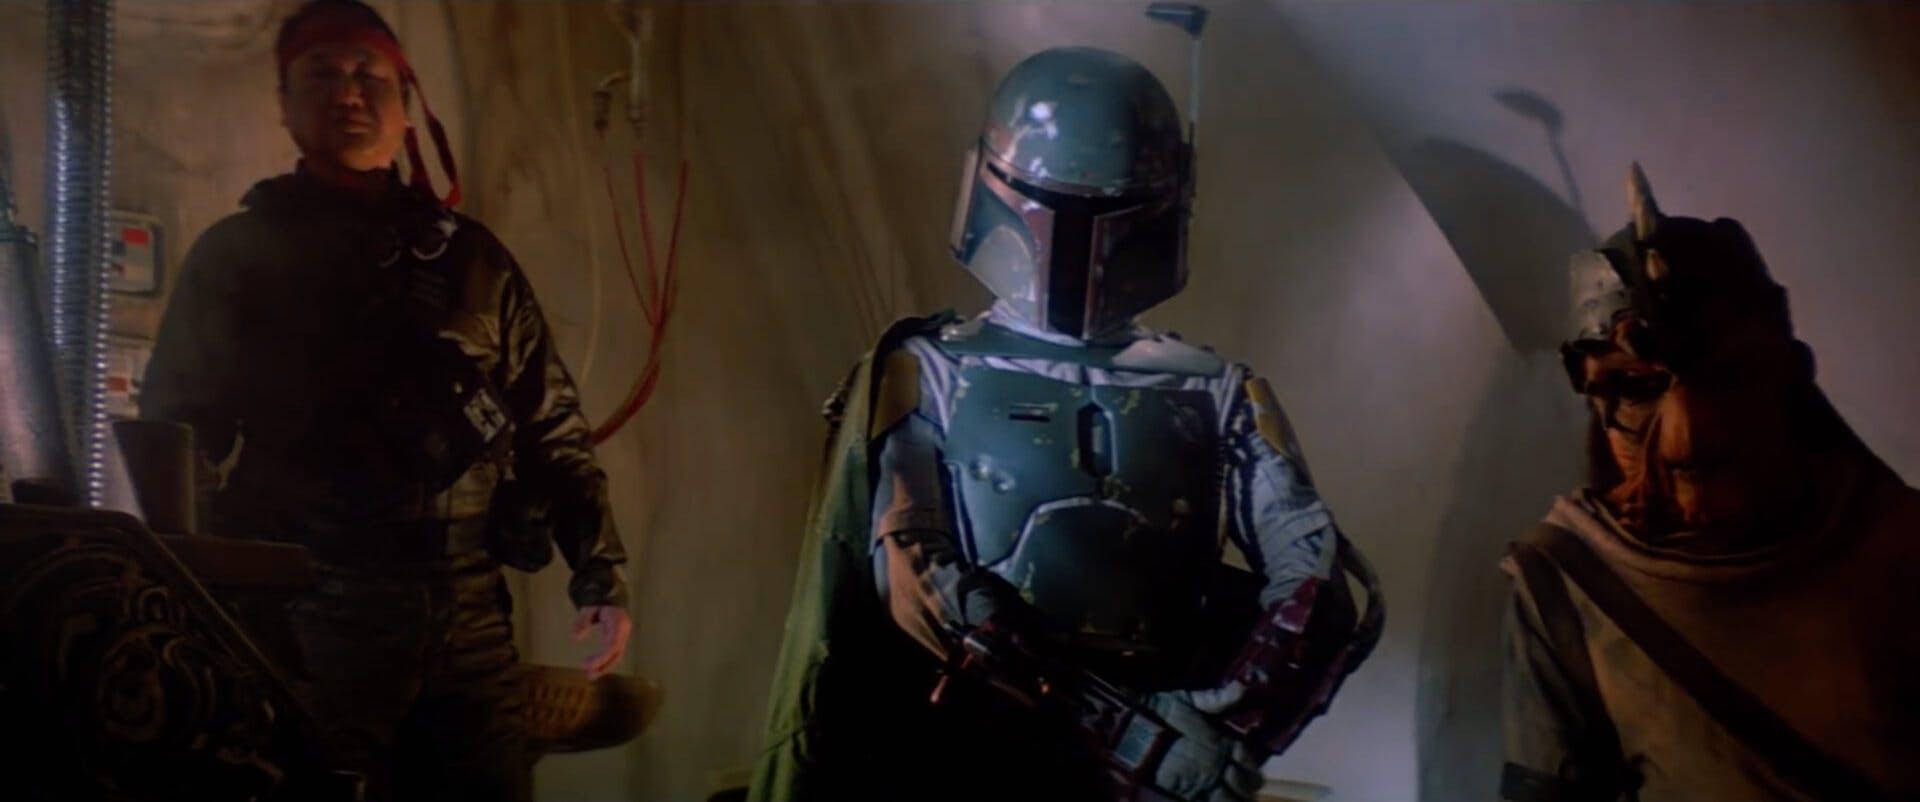 Return of the Jedi - Boba Fett star wars movies